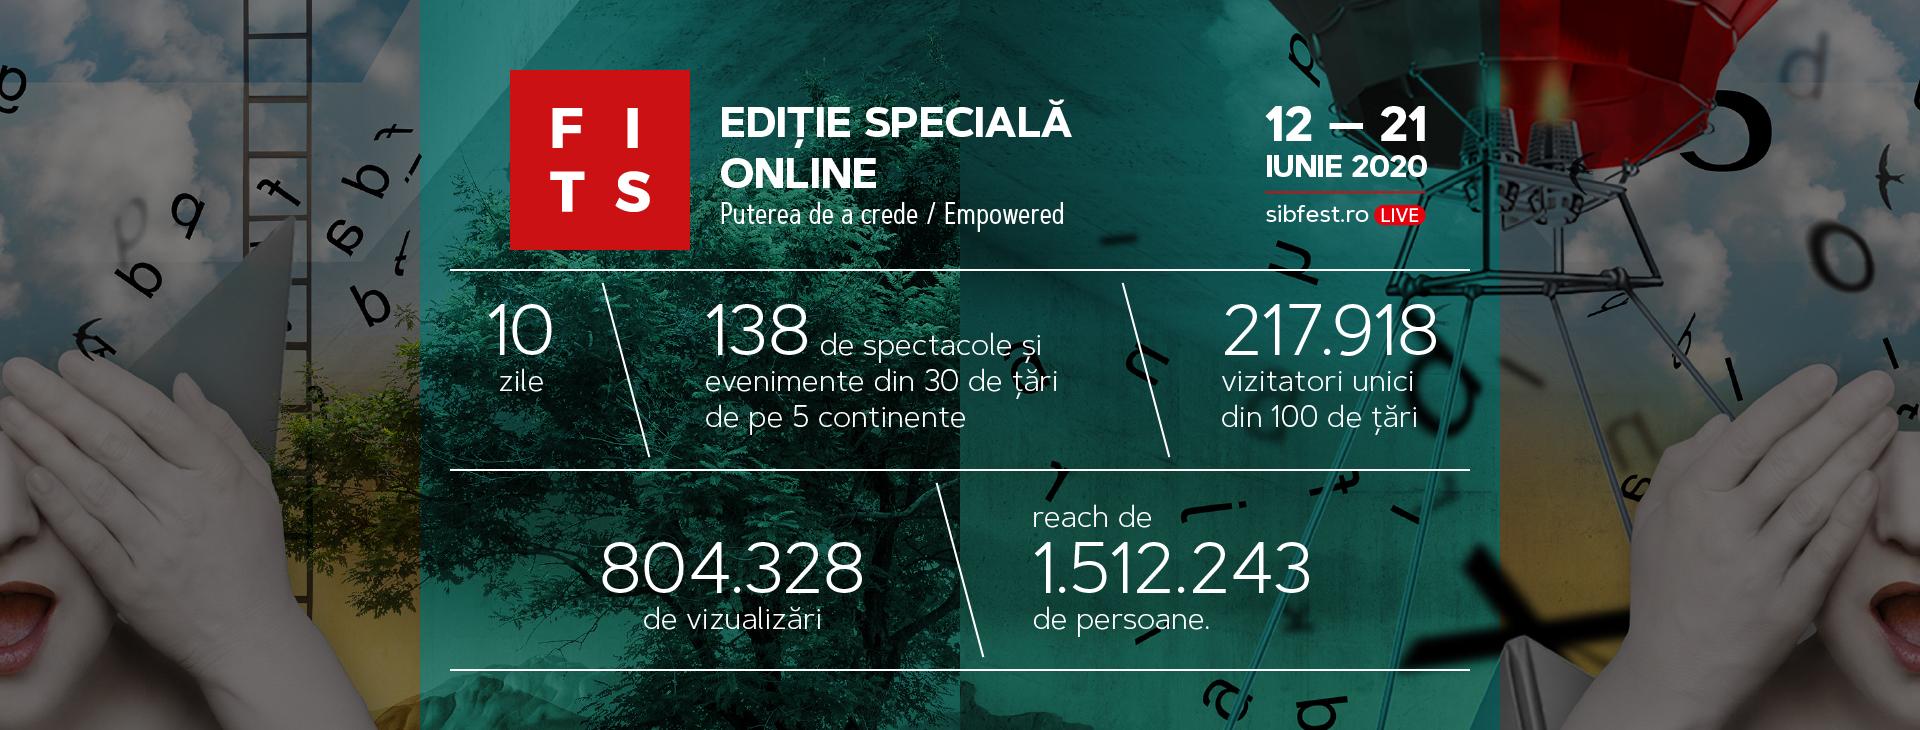 Bilanț FITSonline 2020: 217.918 vizitatori unici și 804.328 de vizualizări, timp de 10 zile